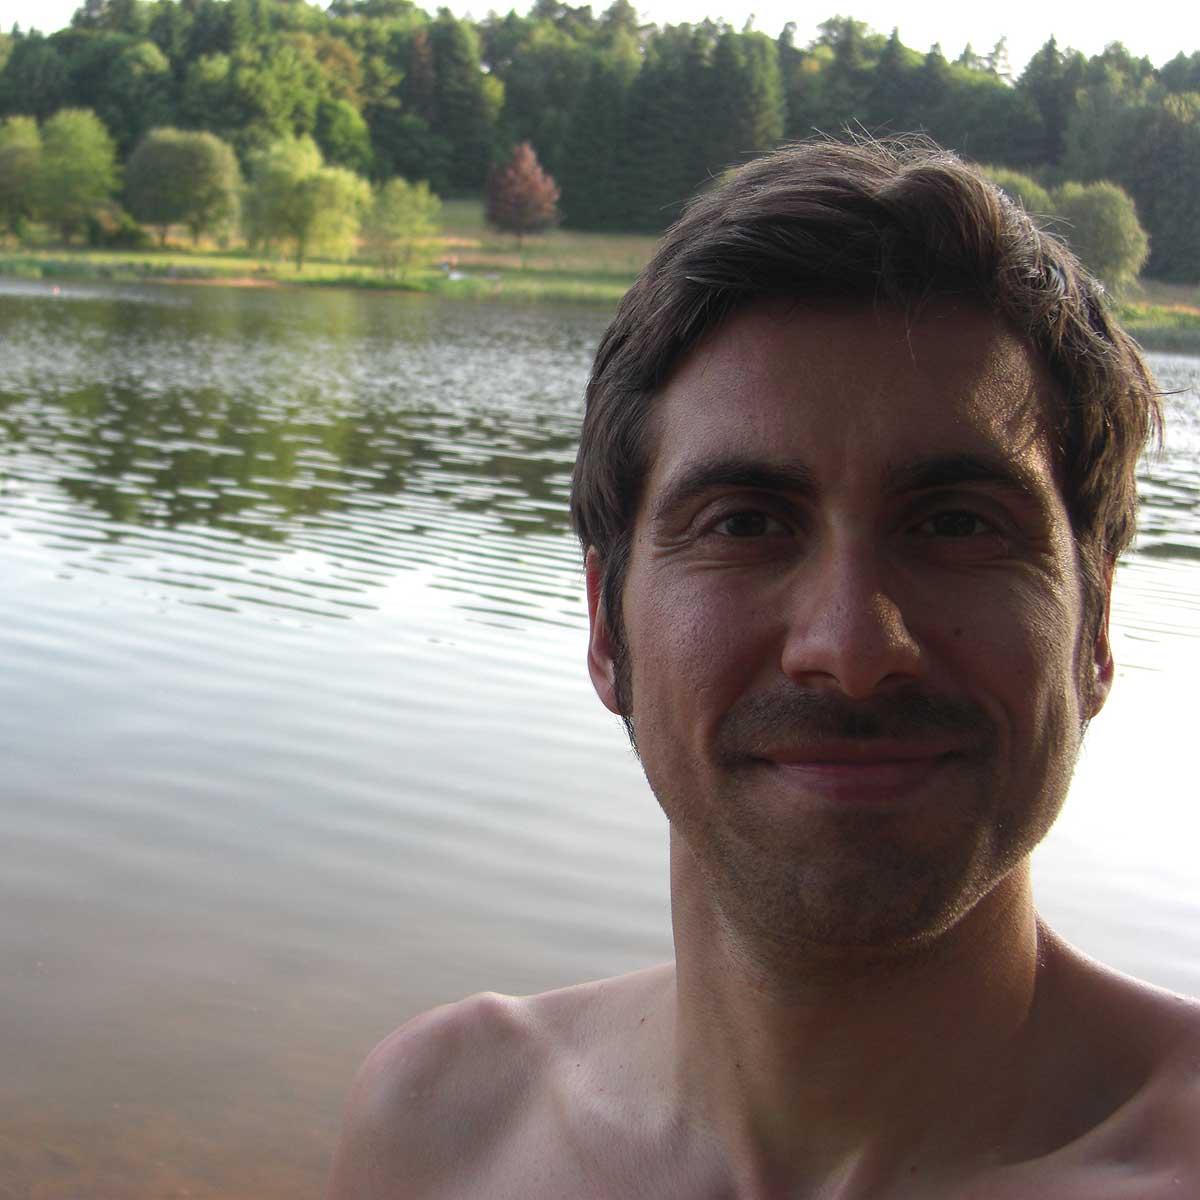 Ich mache mich frei am Badesee in Losheim.